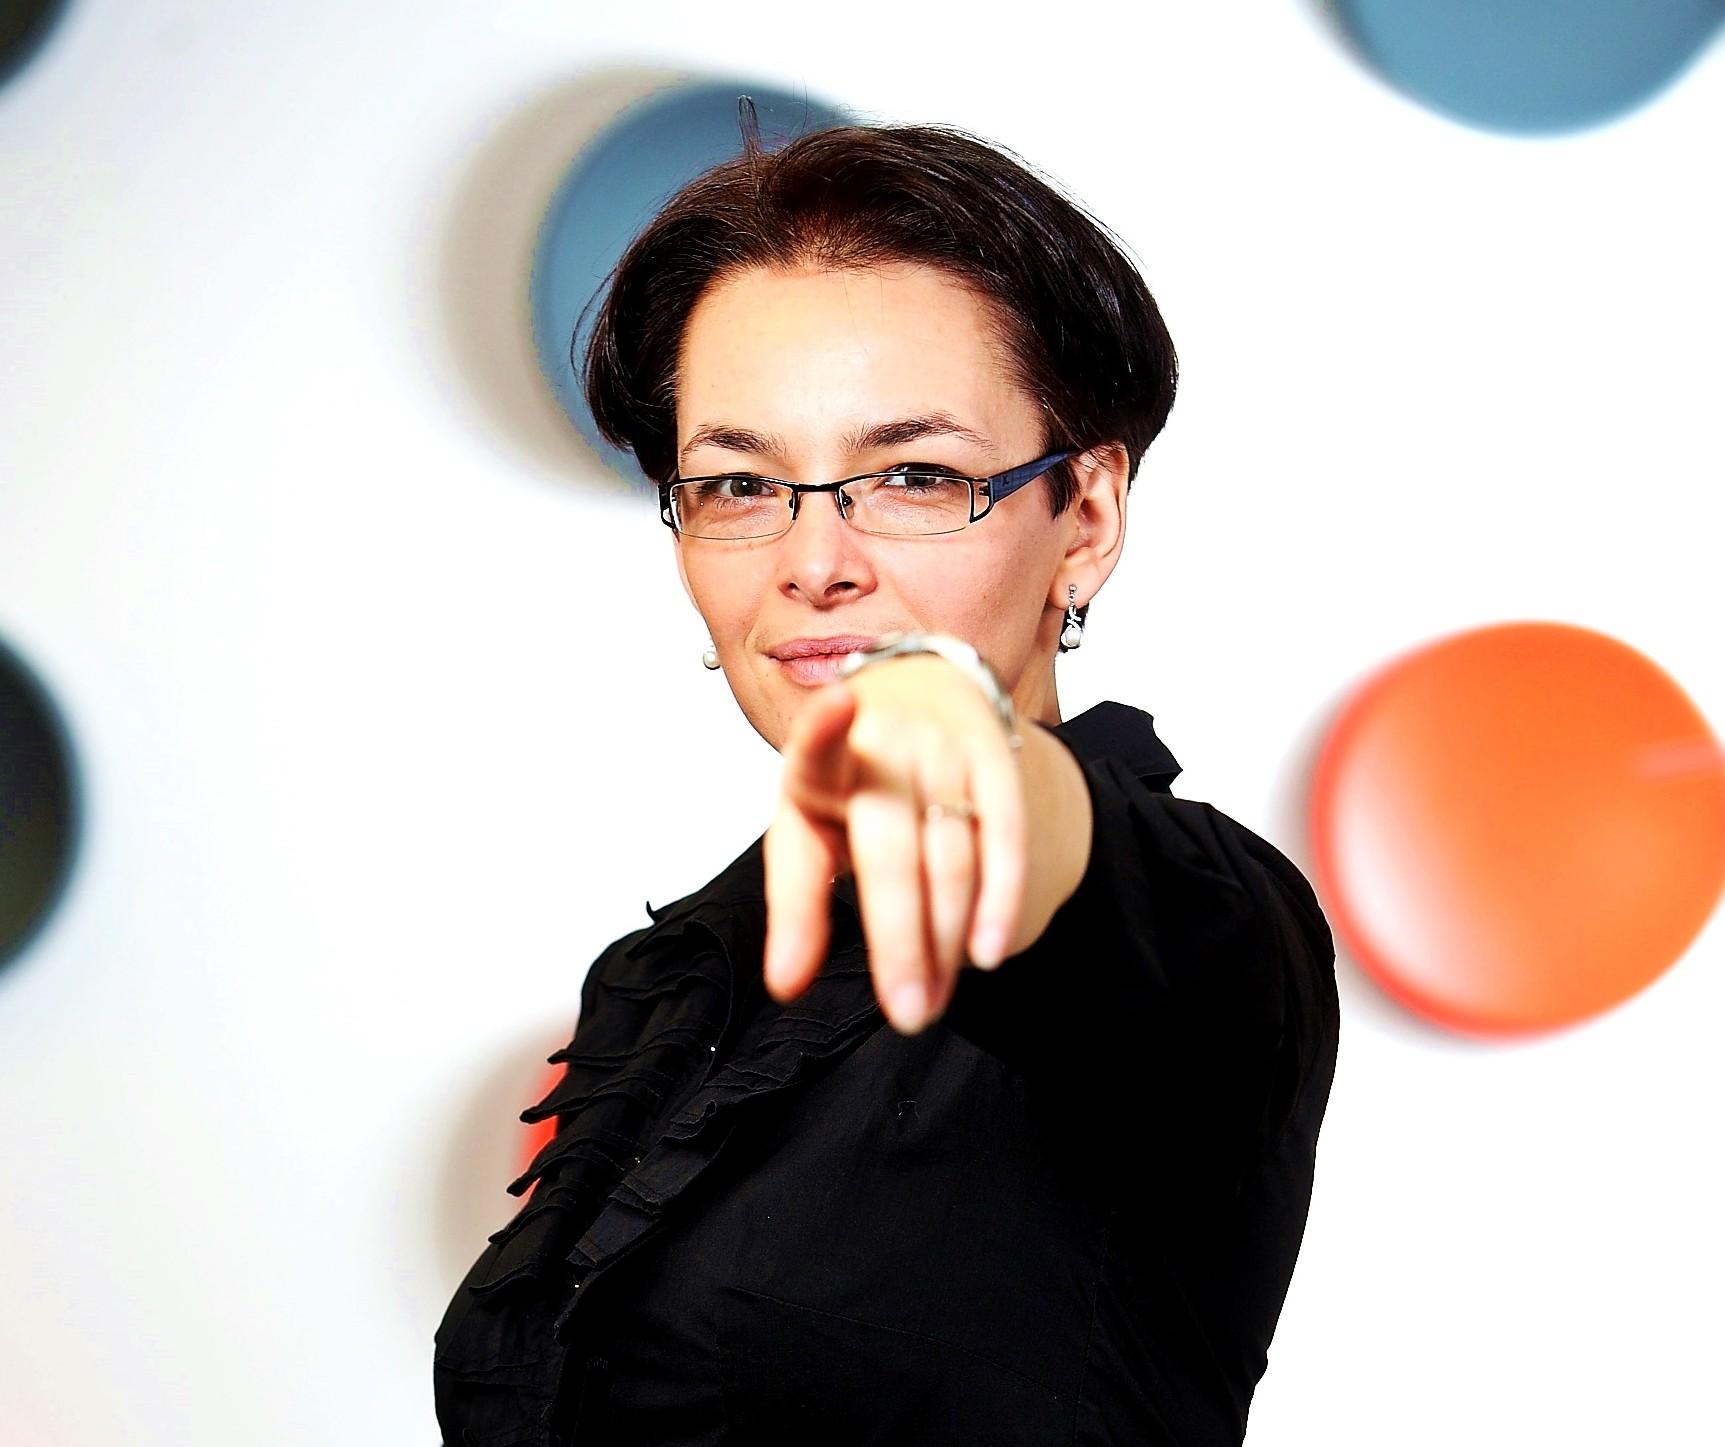 Agnieszka Radkiewicz